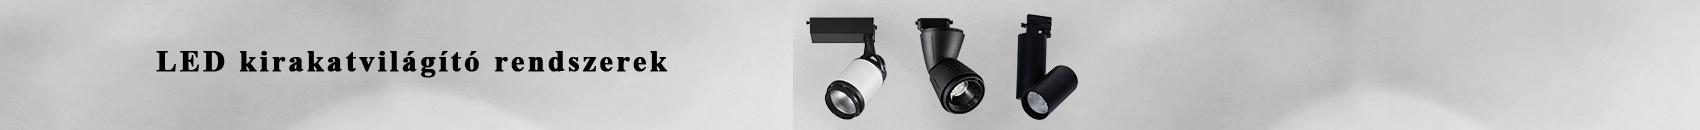 V-TAC LED kirakatvilágítás